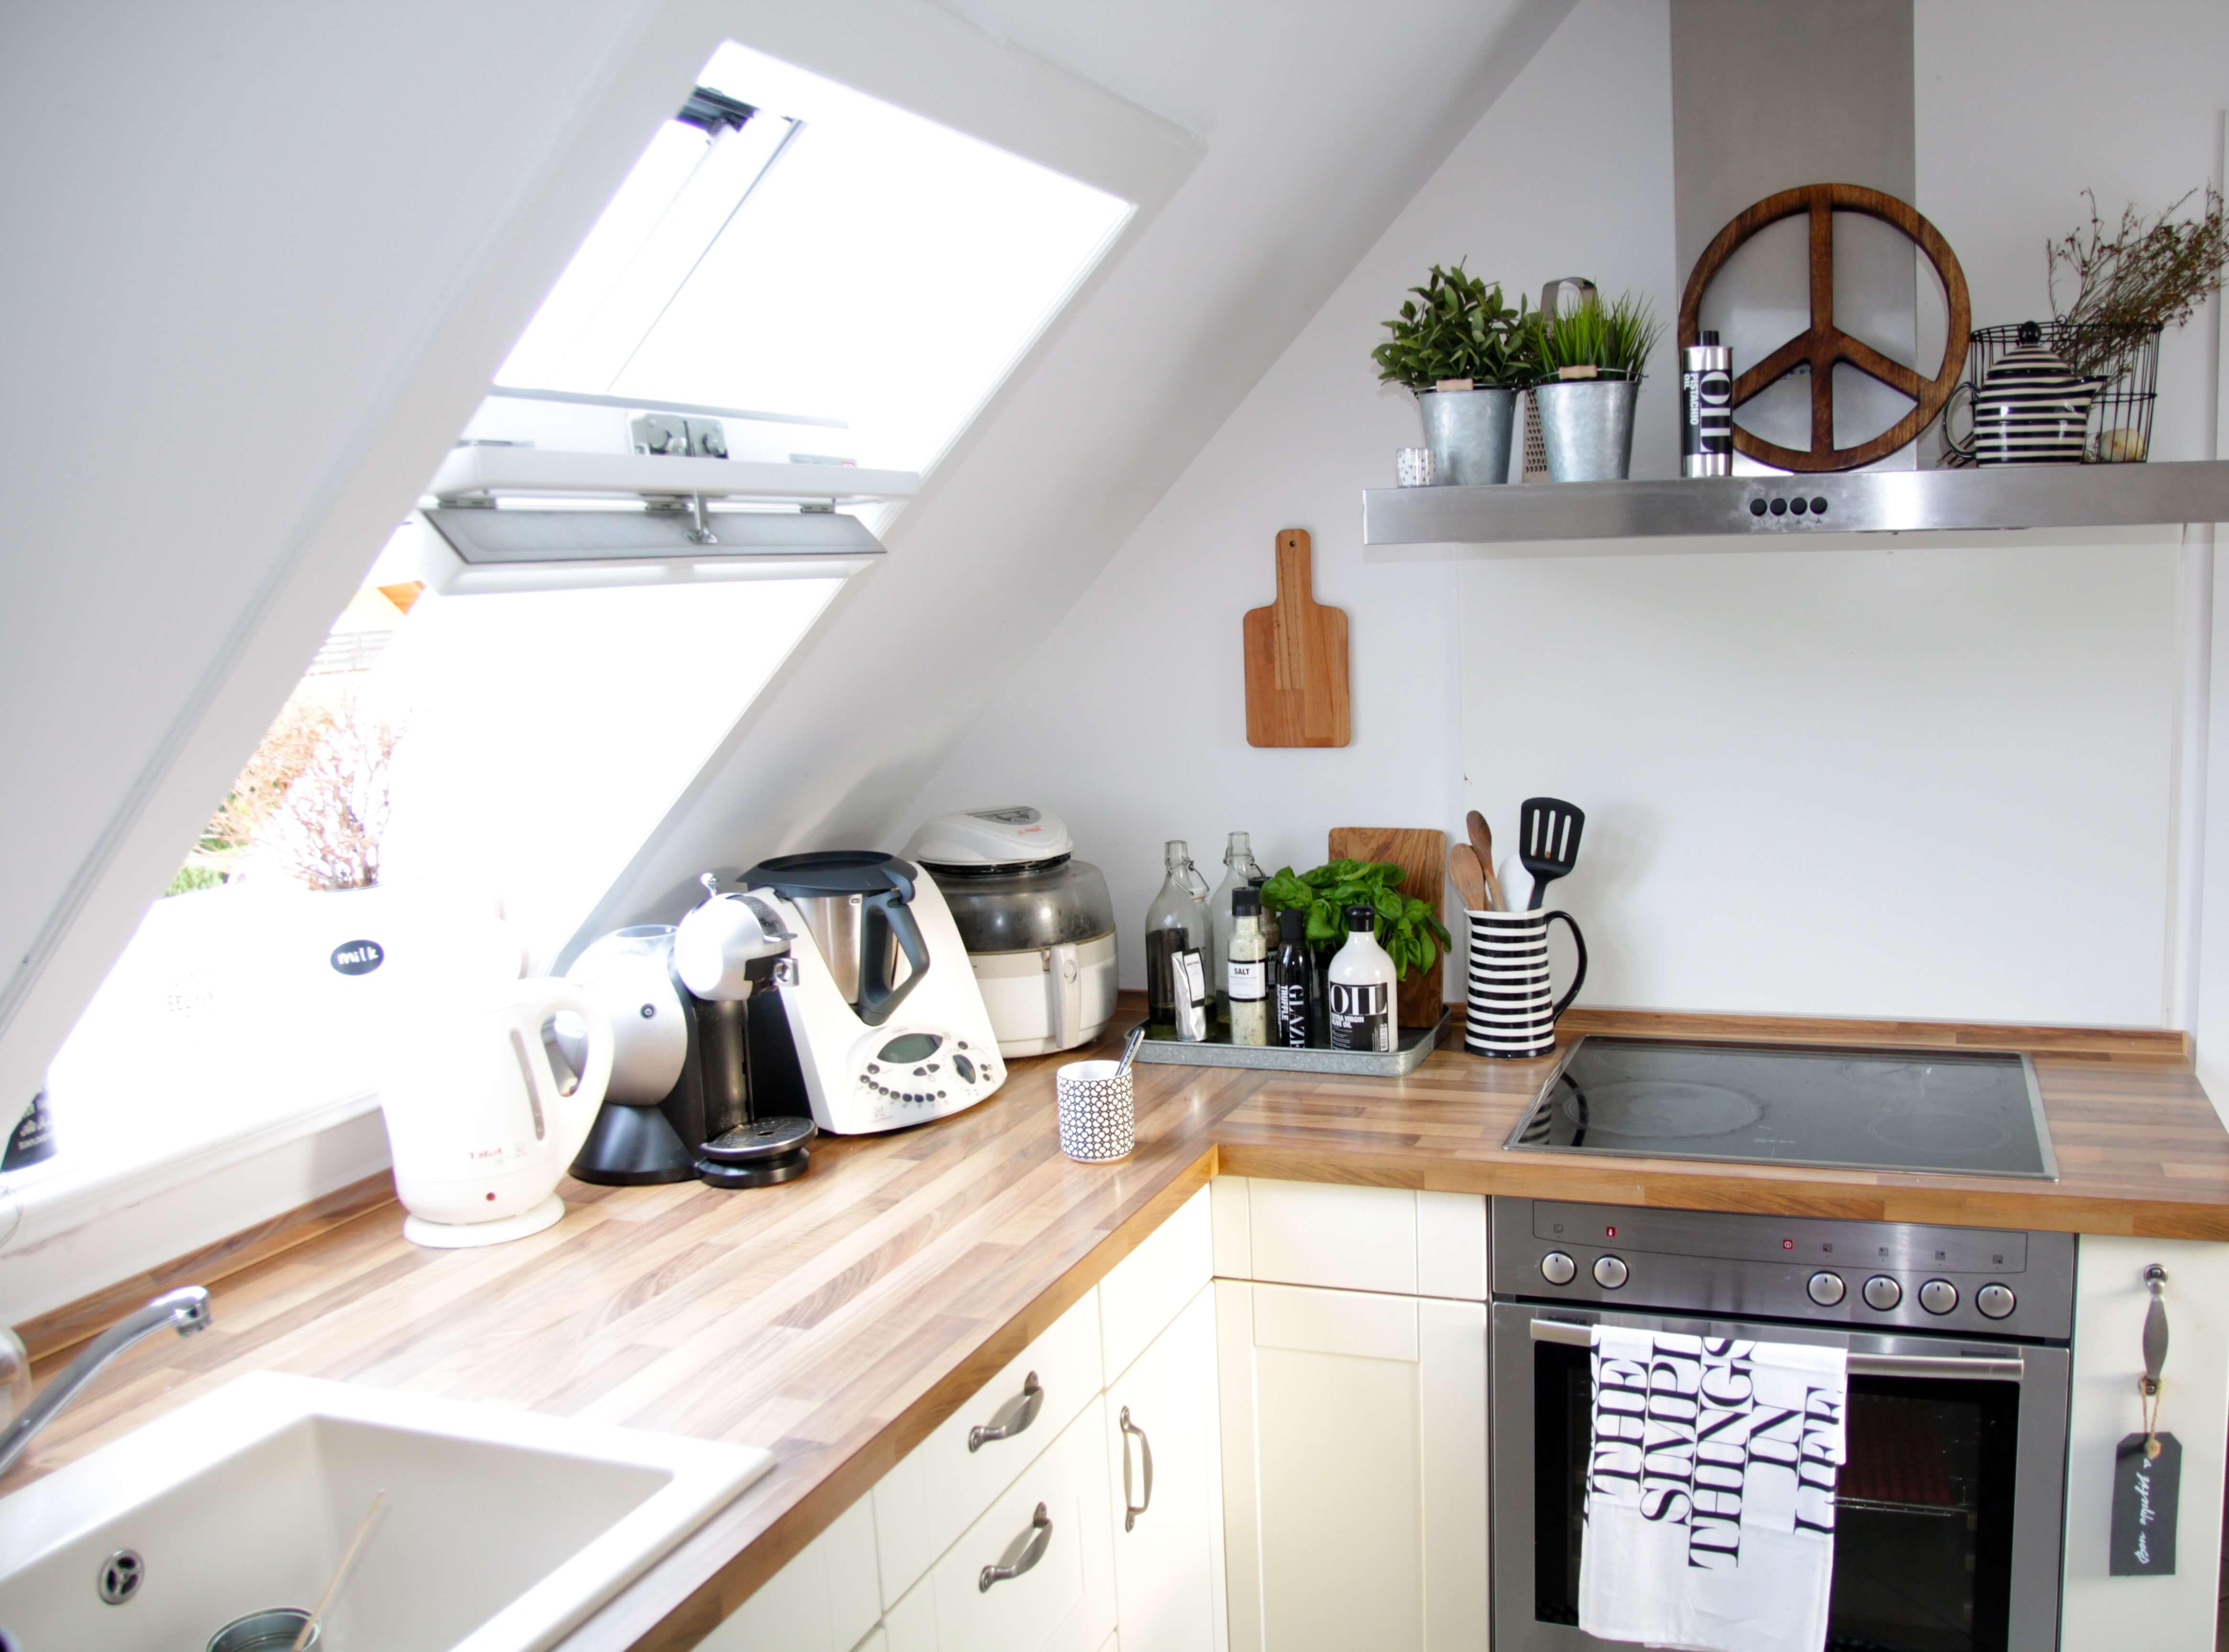 küche-dachgeschoss-dachschräge-einrichten - DESIGN DOTS